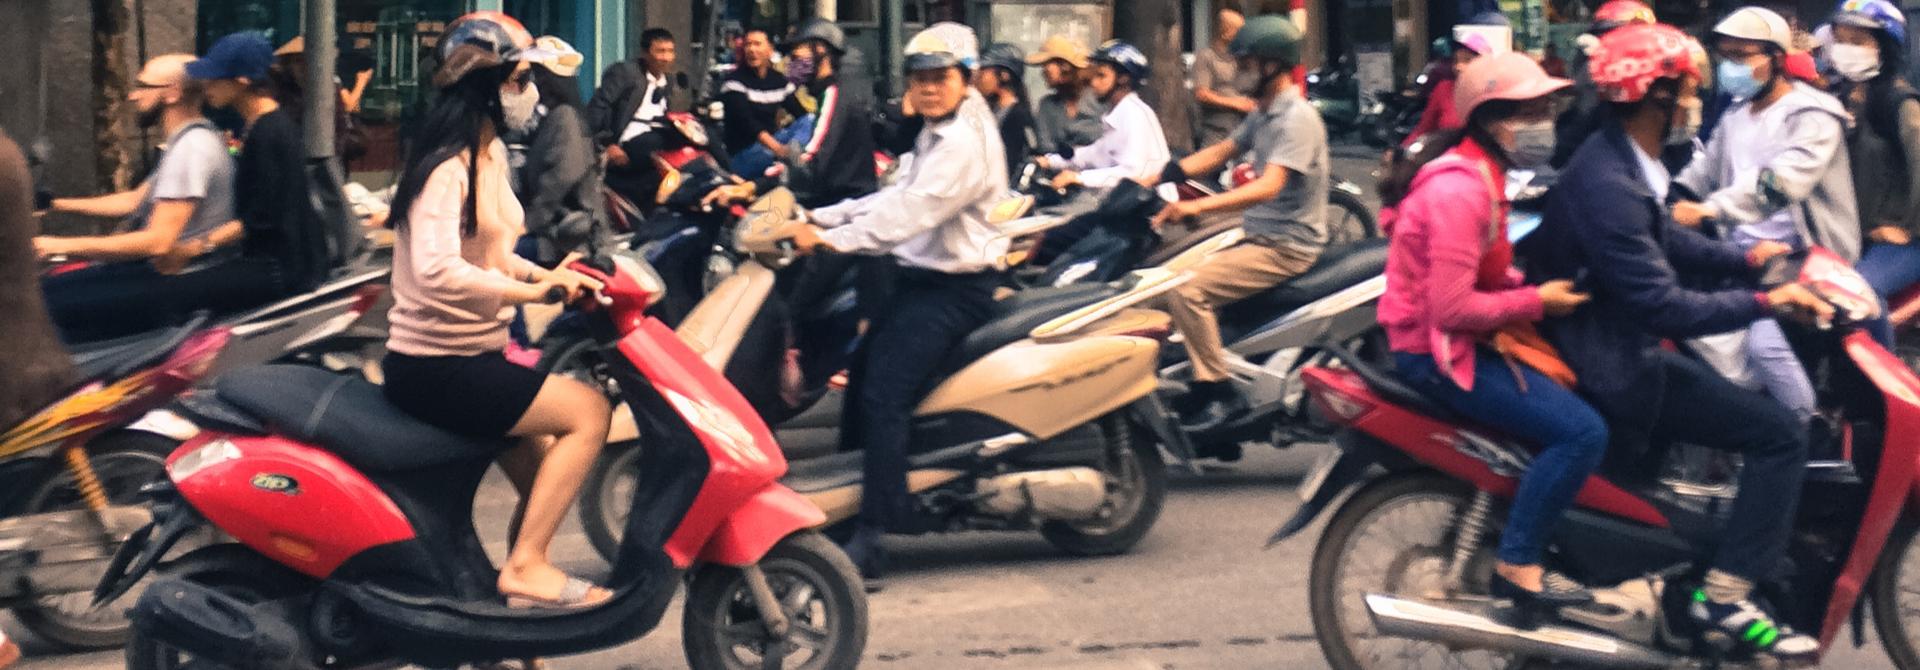 Nhiều mẫu xe máy Honda tăng giá từ tháng Tư